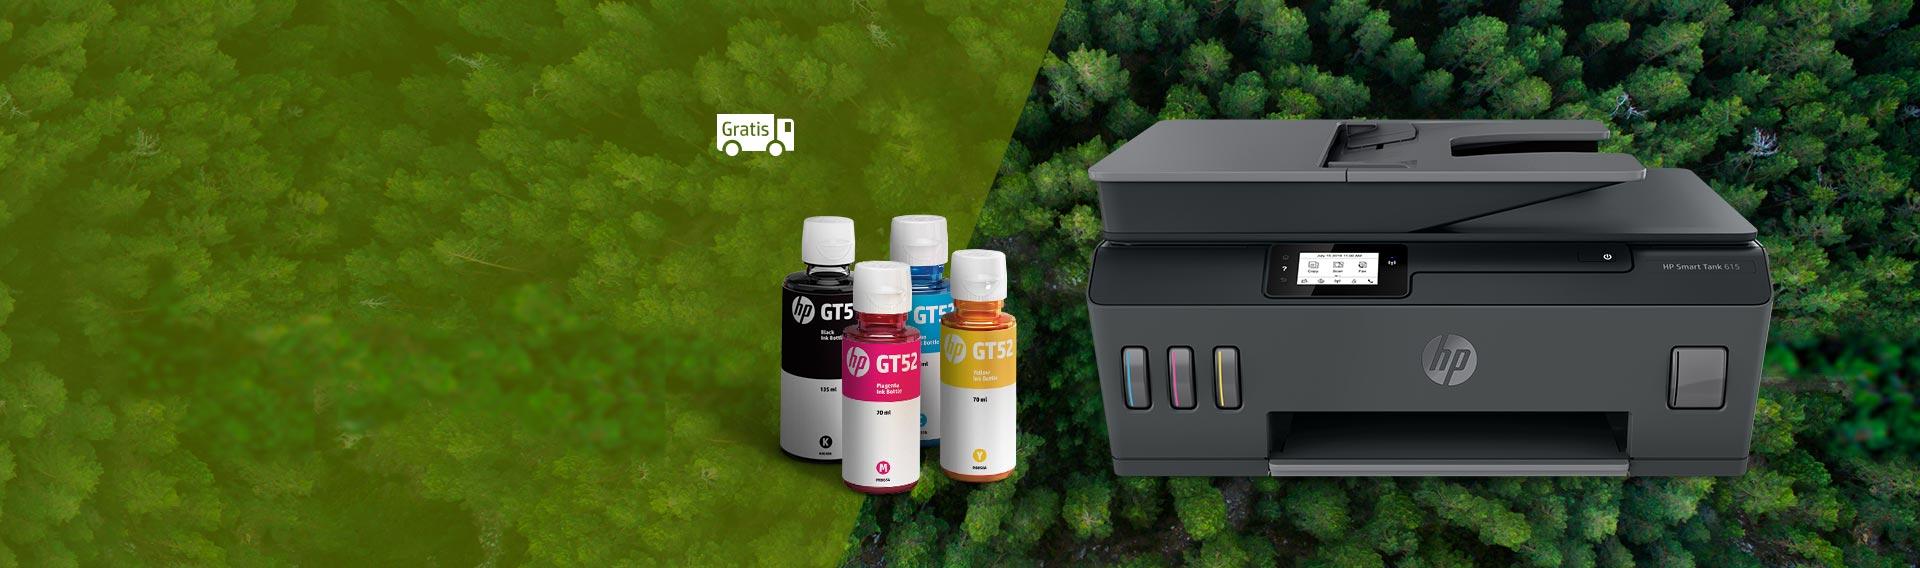 IMPRESORAS HP. Ahorro de consumibles y calidad de impresión a bajo costo.